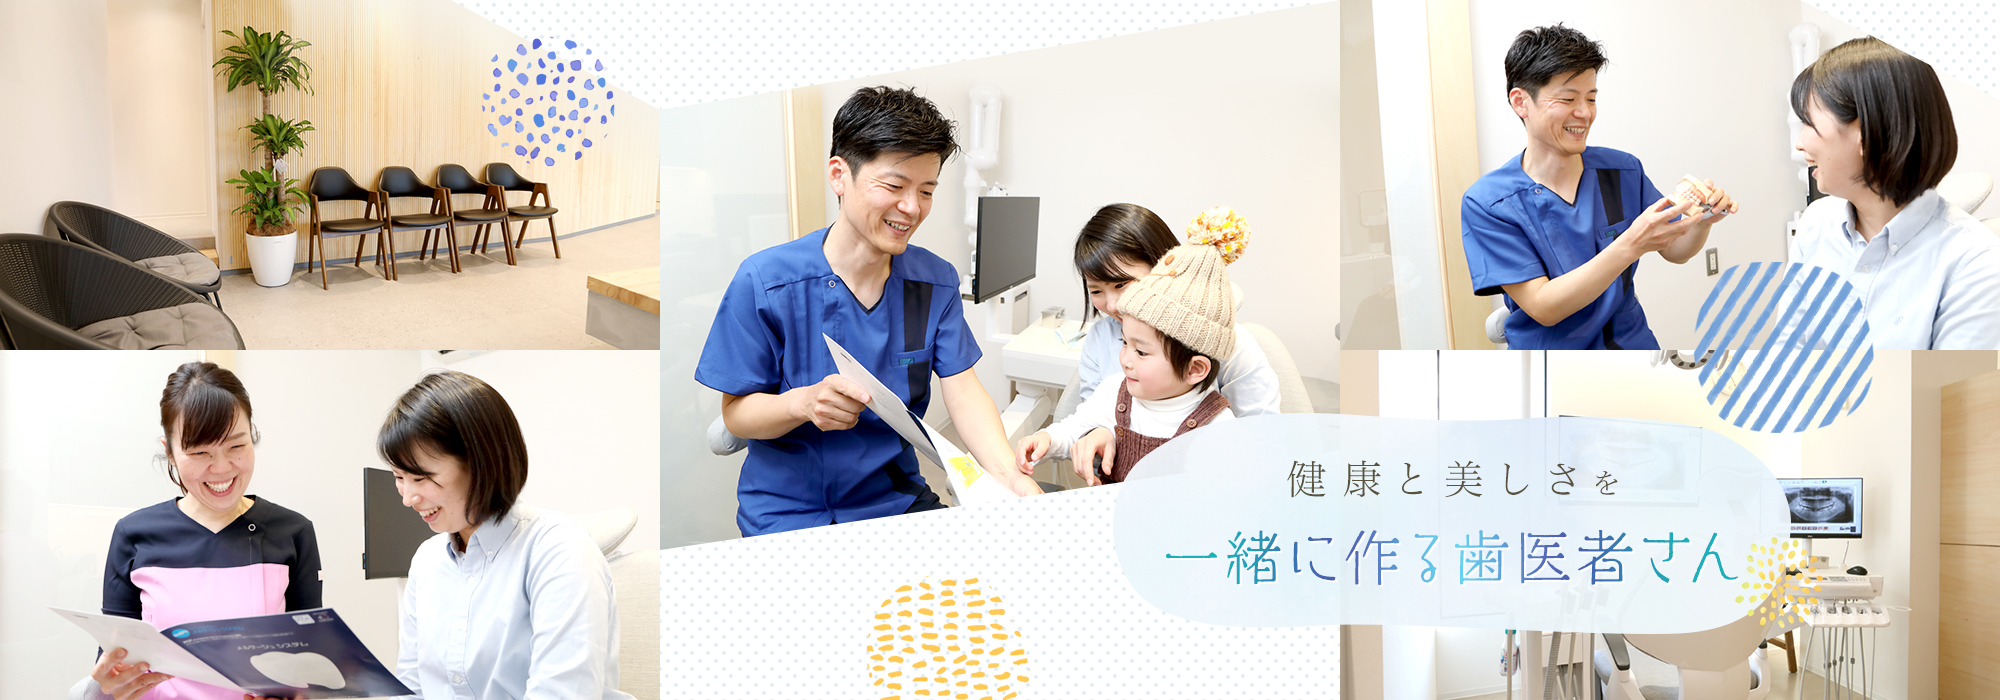 健康と美しさを一緒に作る歯医者さん